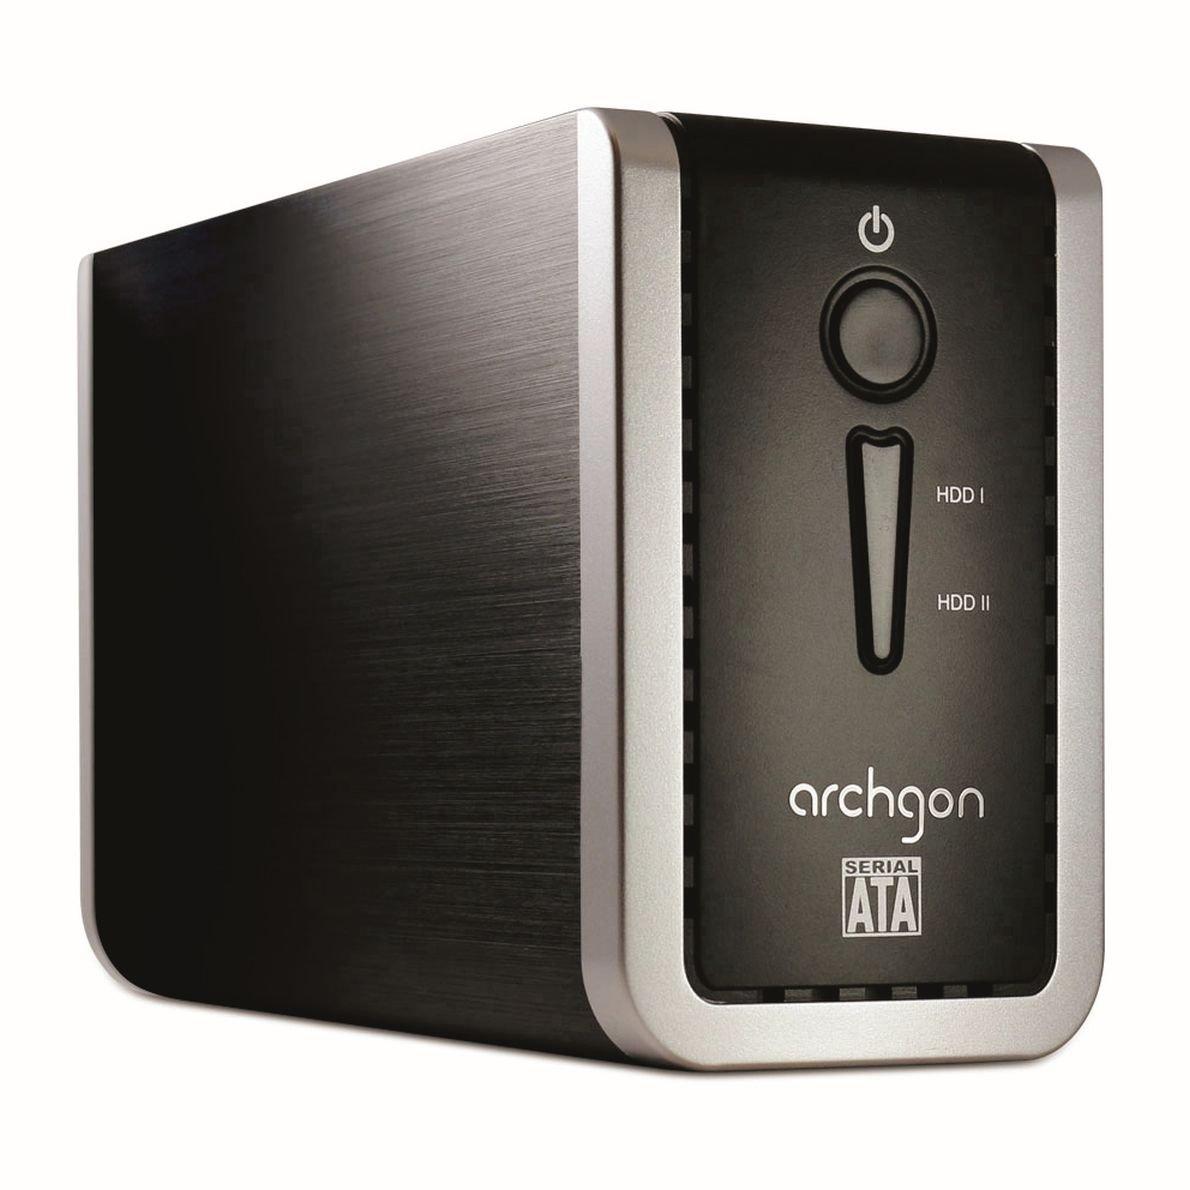 Archgon MH-3507HUB-U3A New SATA III Version USB 3.0 2.5 /& 3.5 Flat Type SATA Hard Drive Docking Station Plus 3 Ports USB 3.0 Hub Support UASP